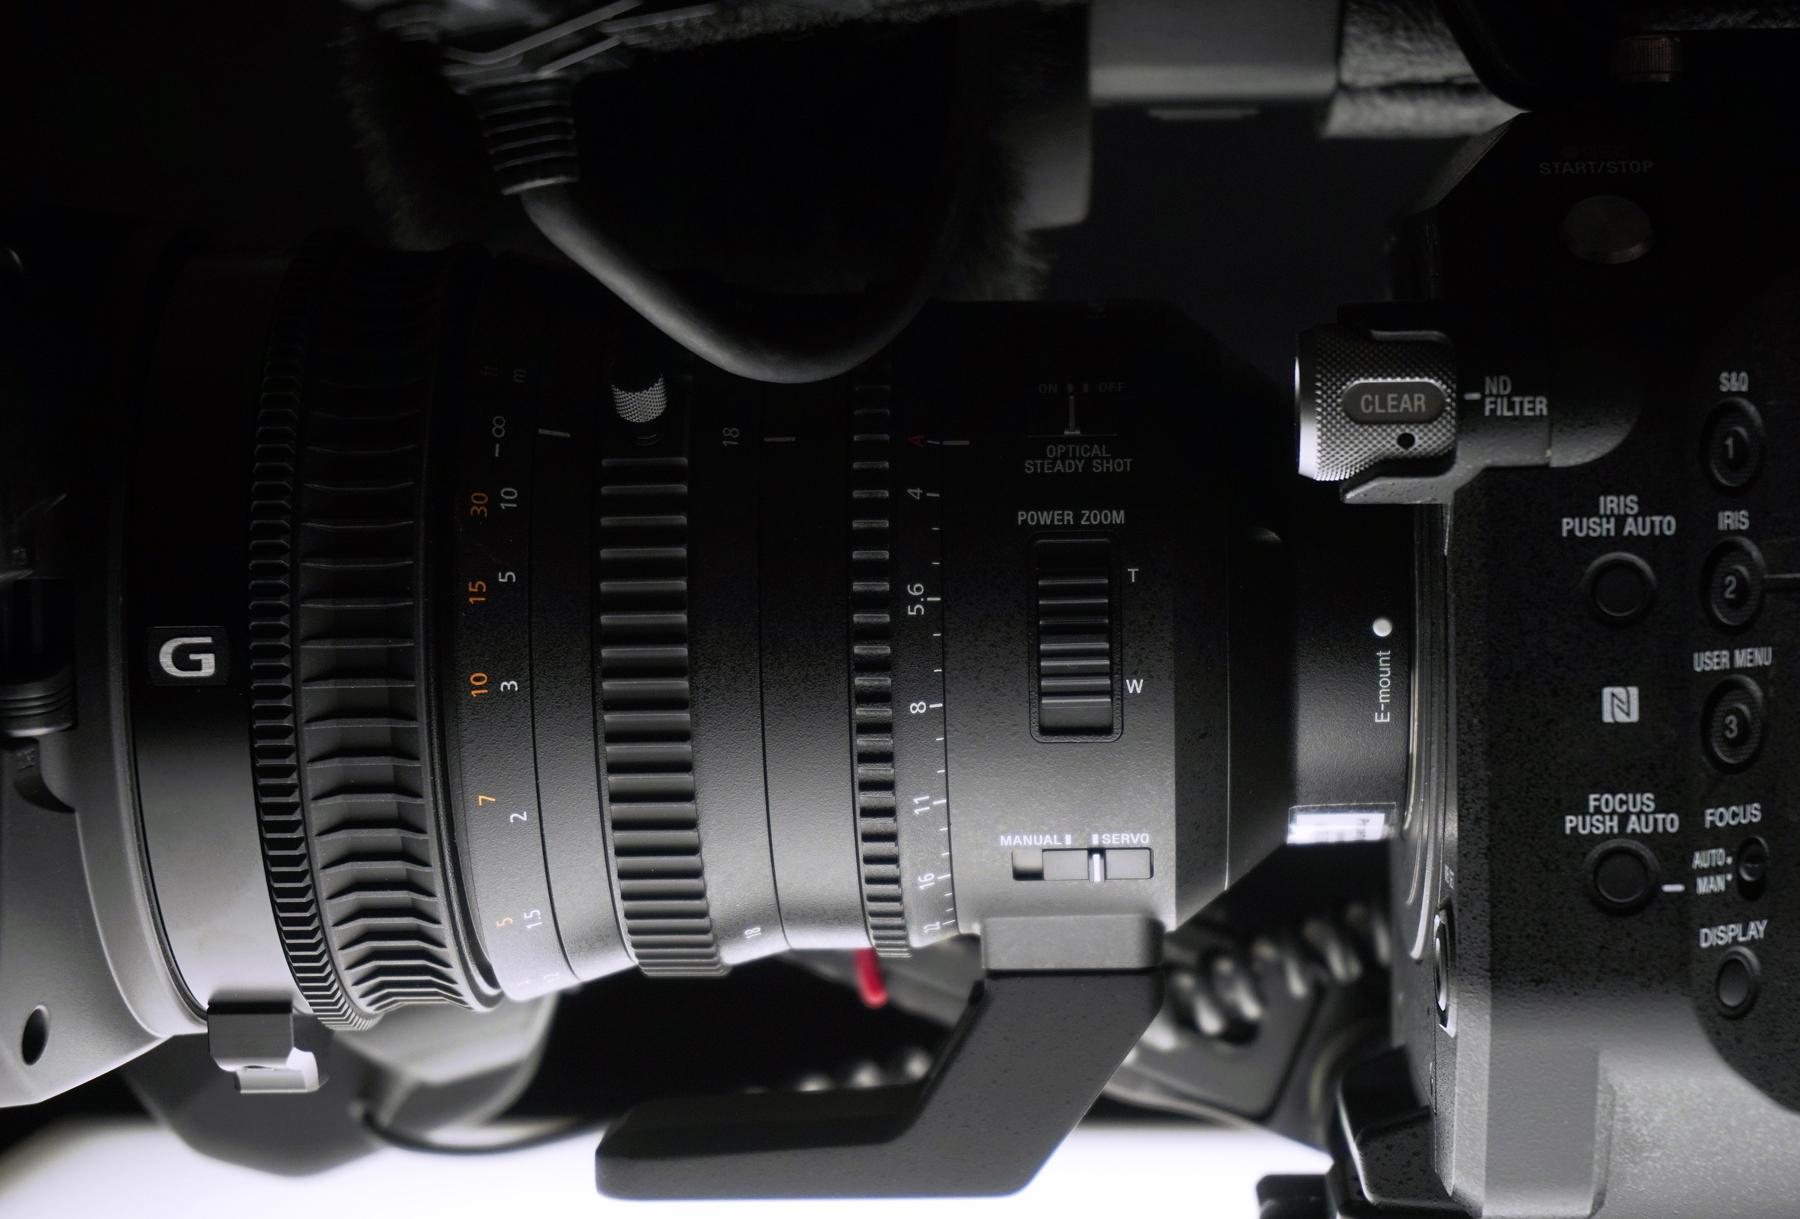 Sony_E_PZ_18-100mm_f/4 G_OSS_Lens_Review